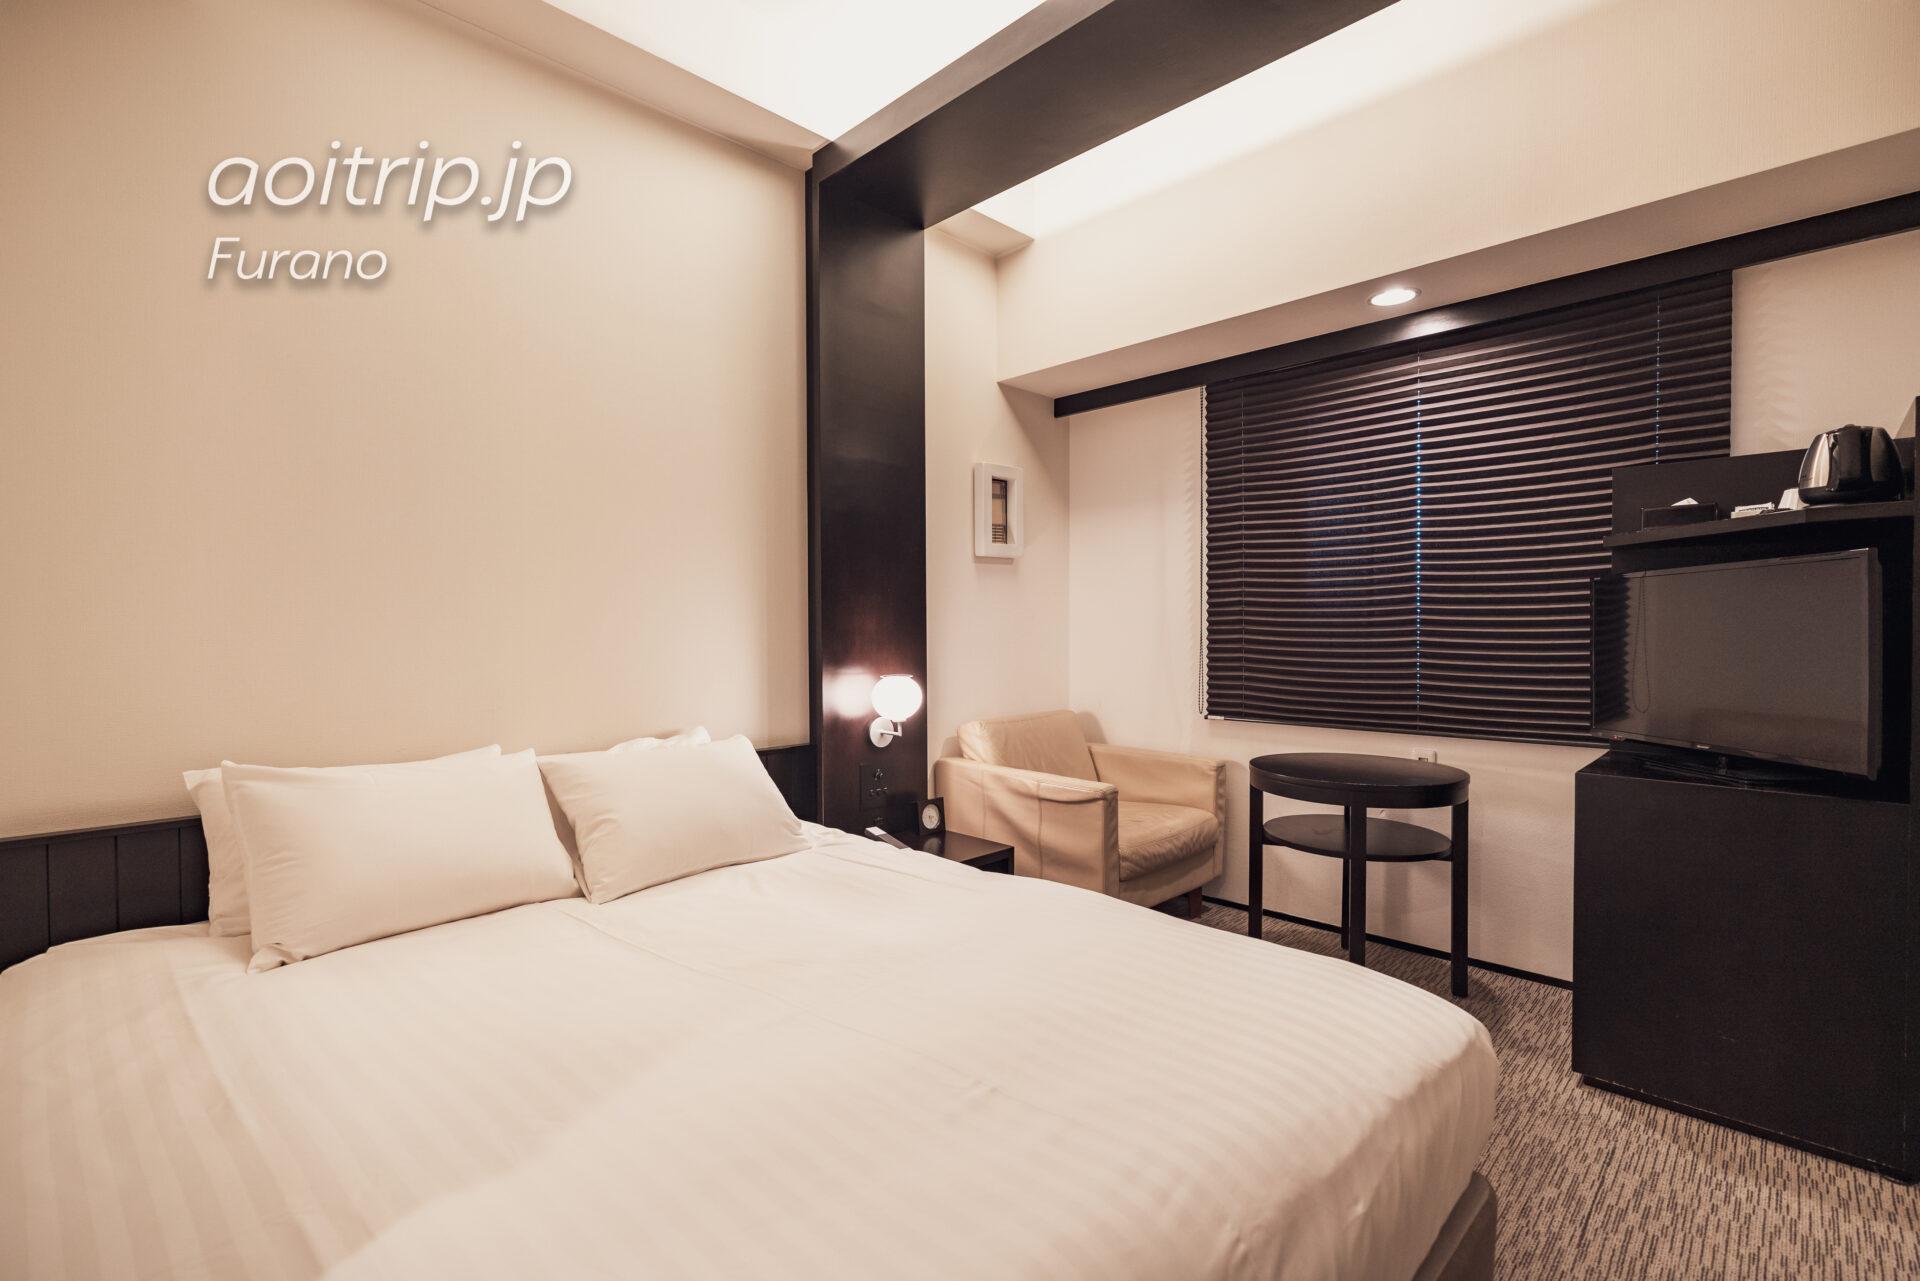 富良野ナチュラクスホテルの客室 ダブルルーム